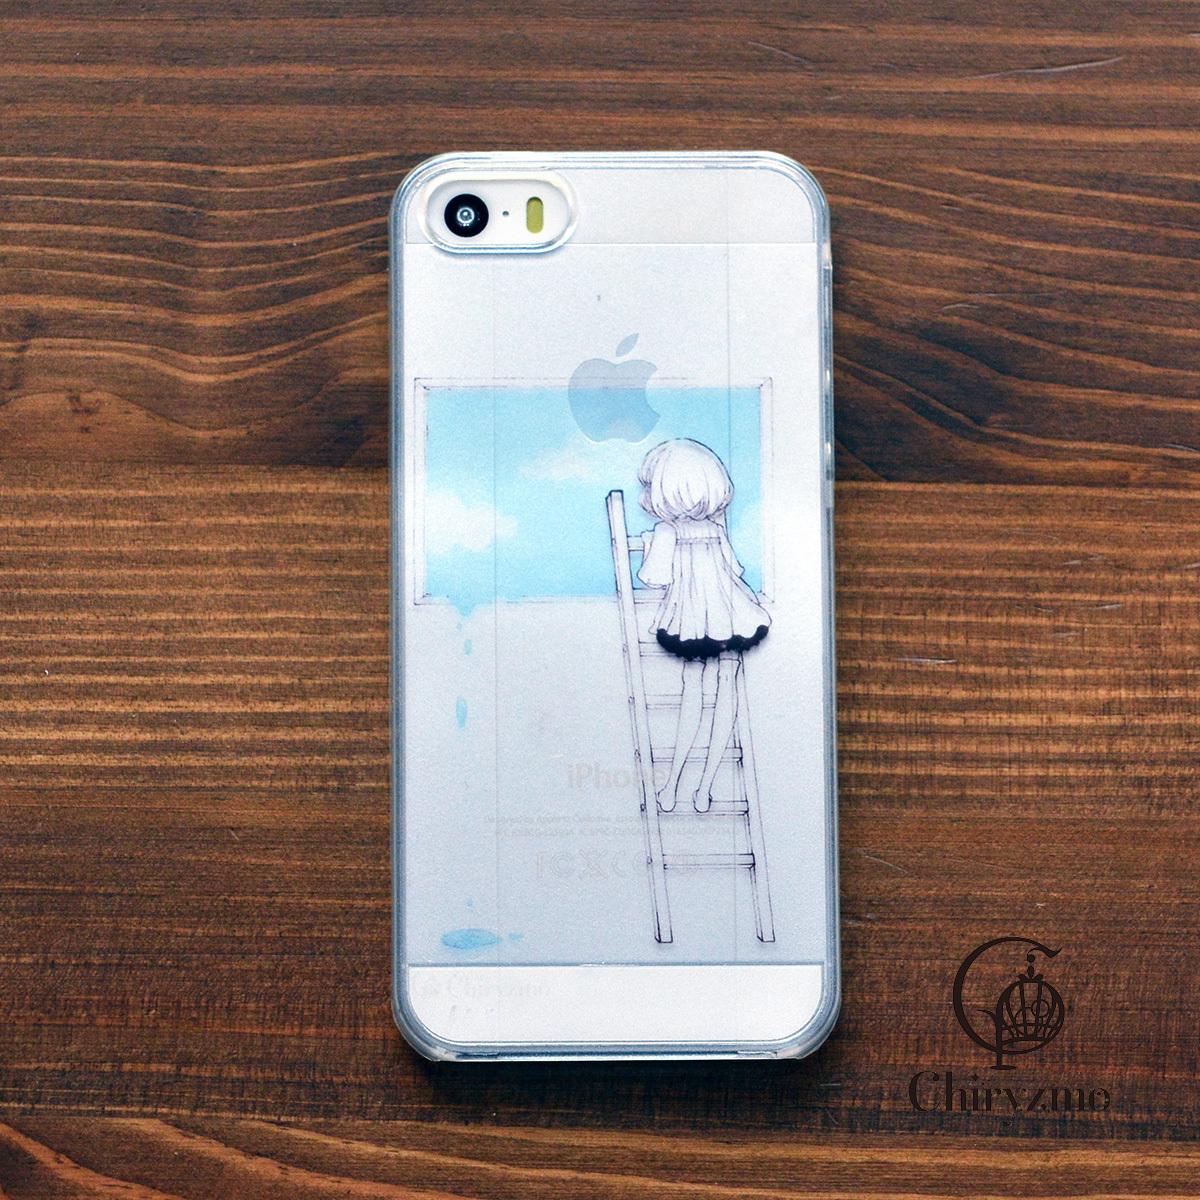 【BASE店限定】アイフォンse ケース クリア iPhoneSE クリアケース キラキラ かわいい 新生活 虚けた空/Chiryzmo